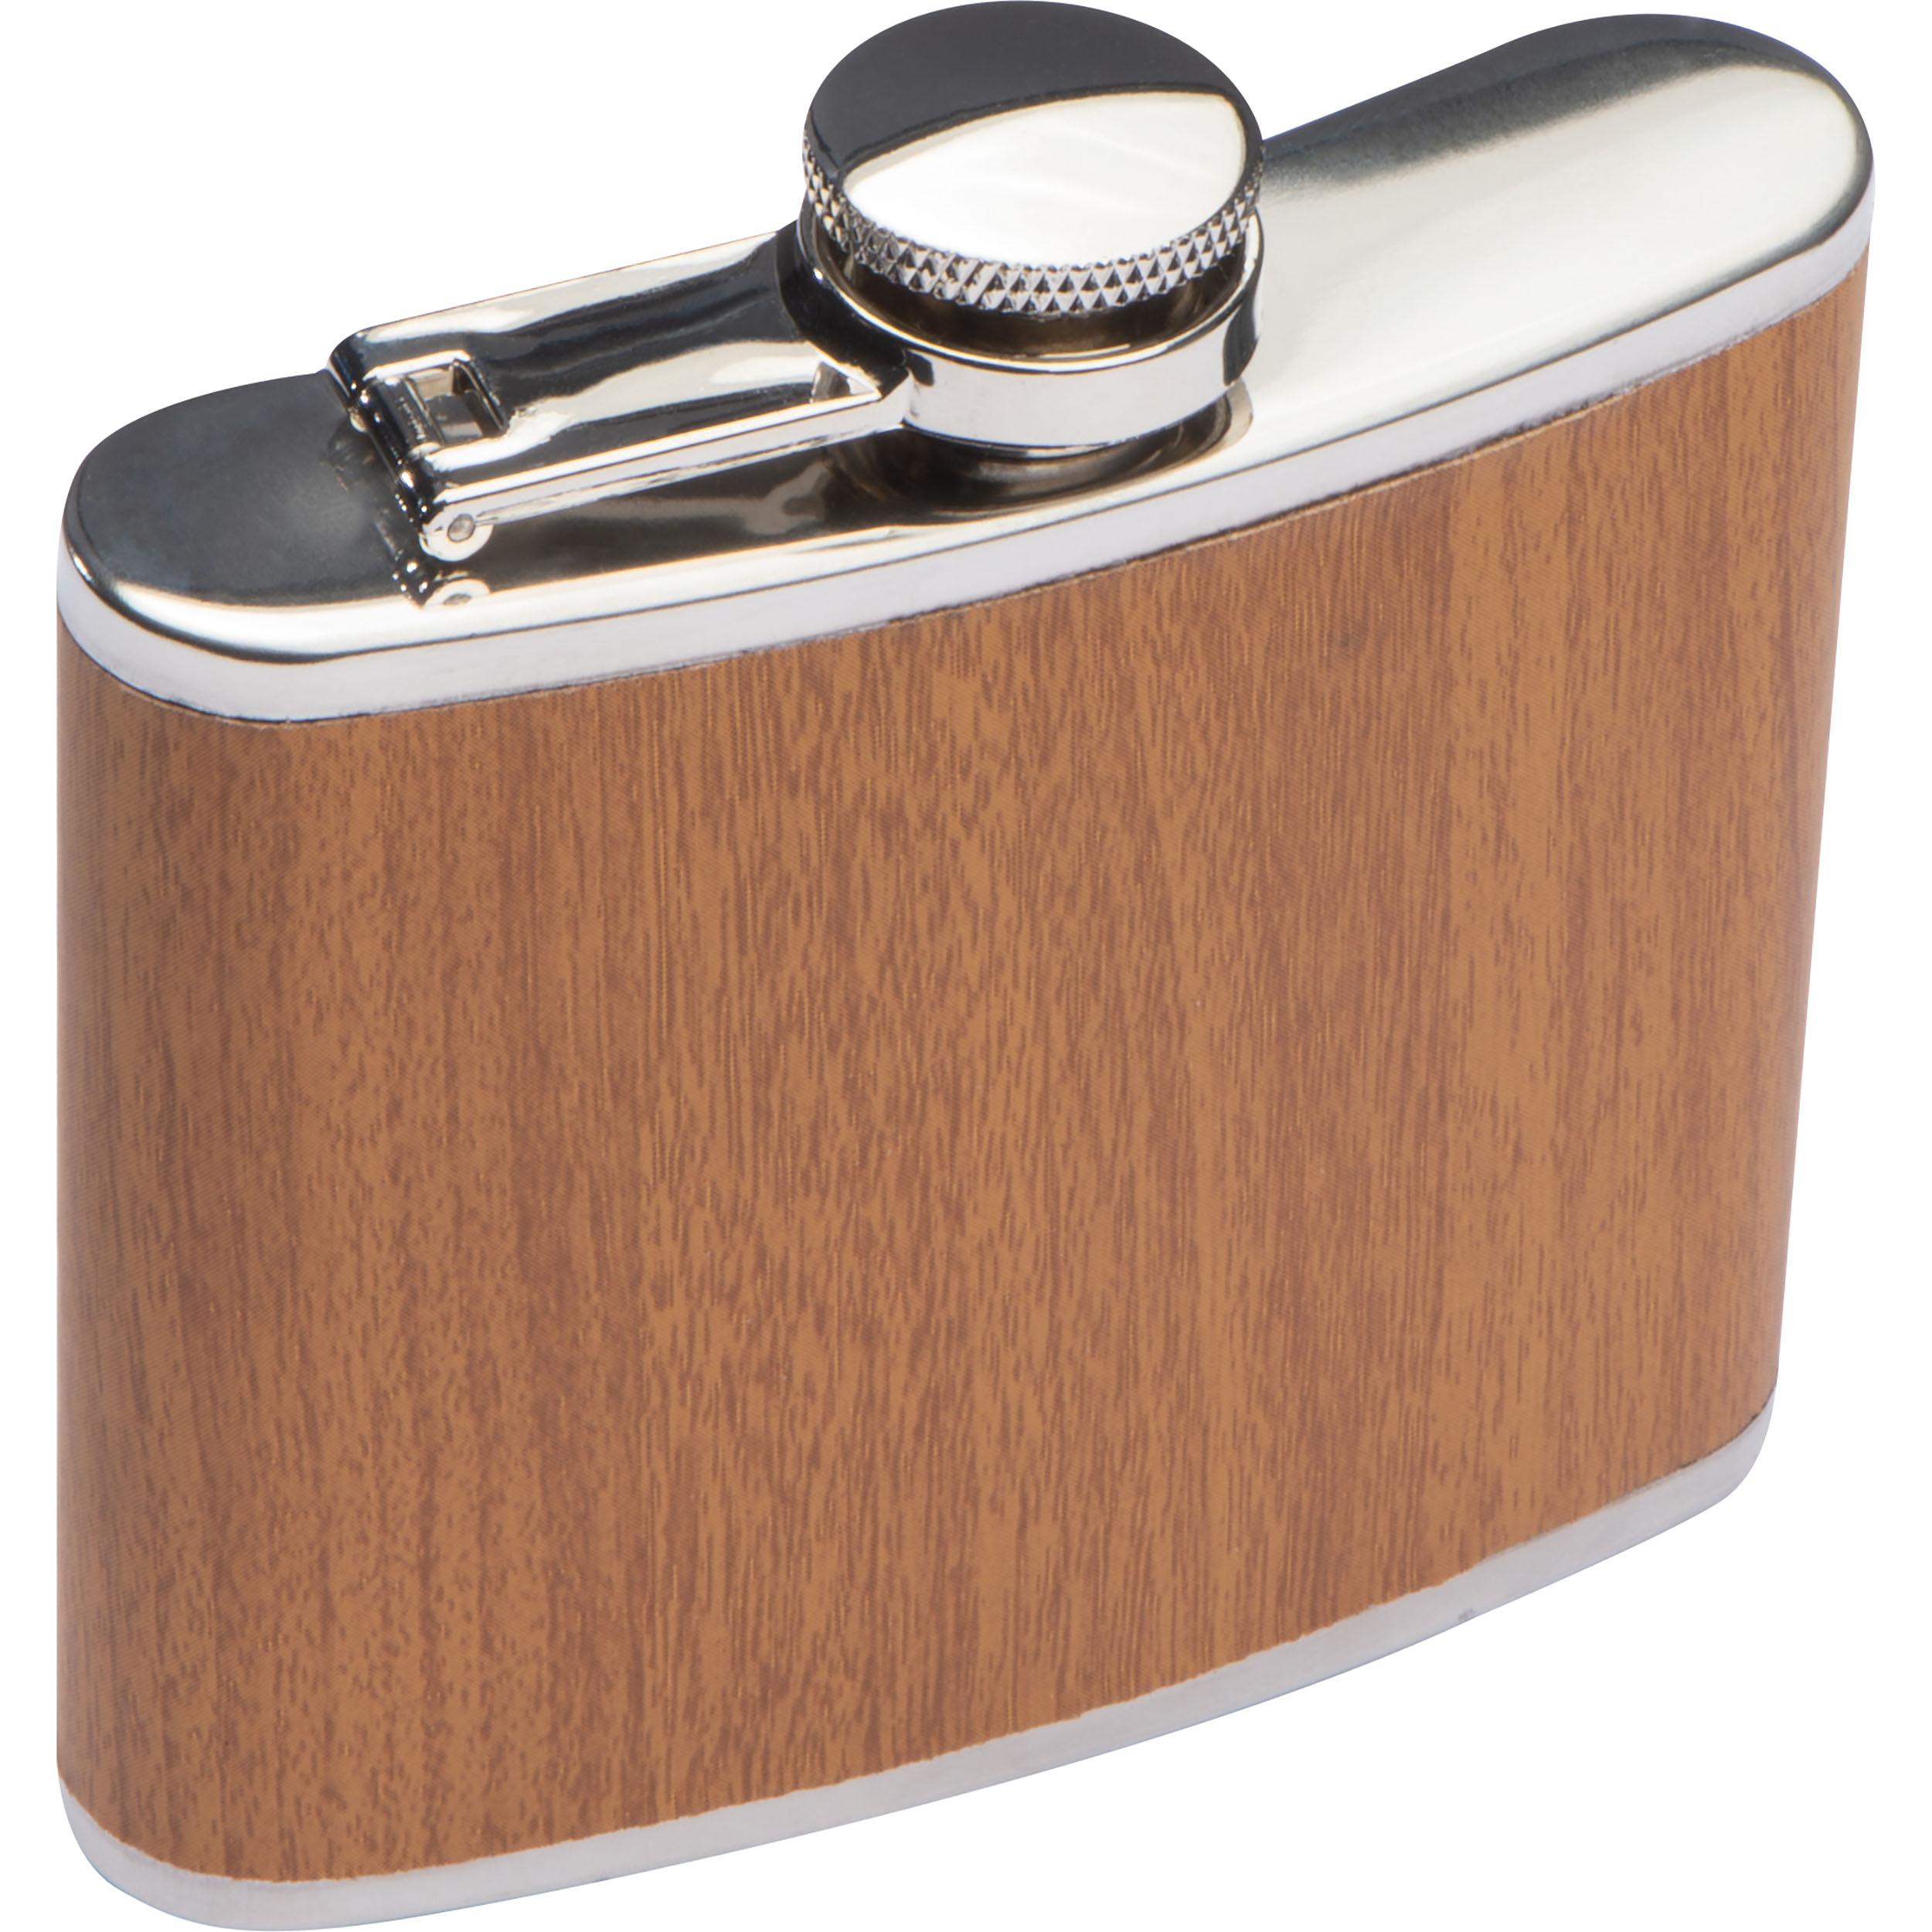 Flacon à hanche en acier inoxydable avec étui en bois, capacité de remplissage 170 ml